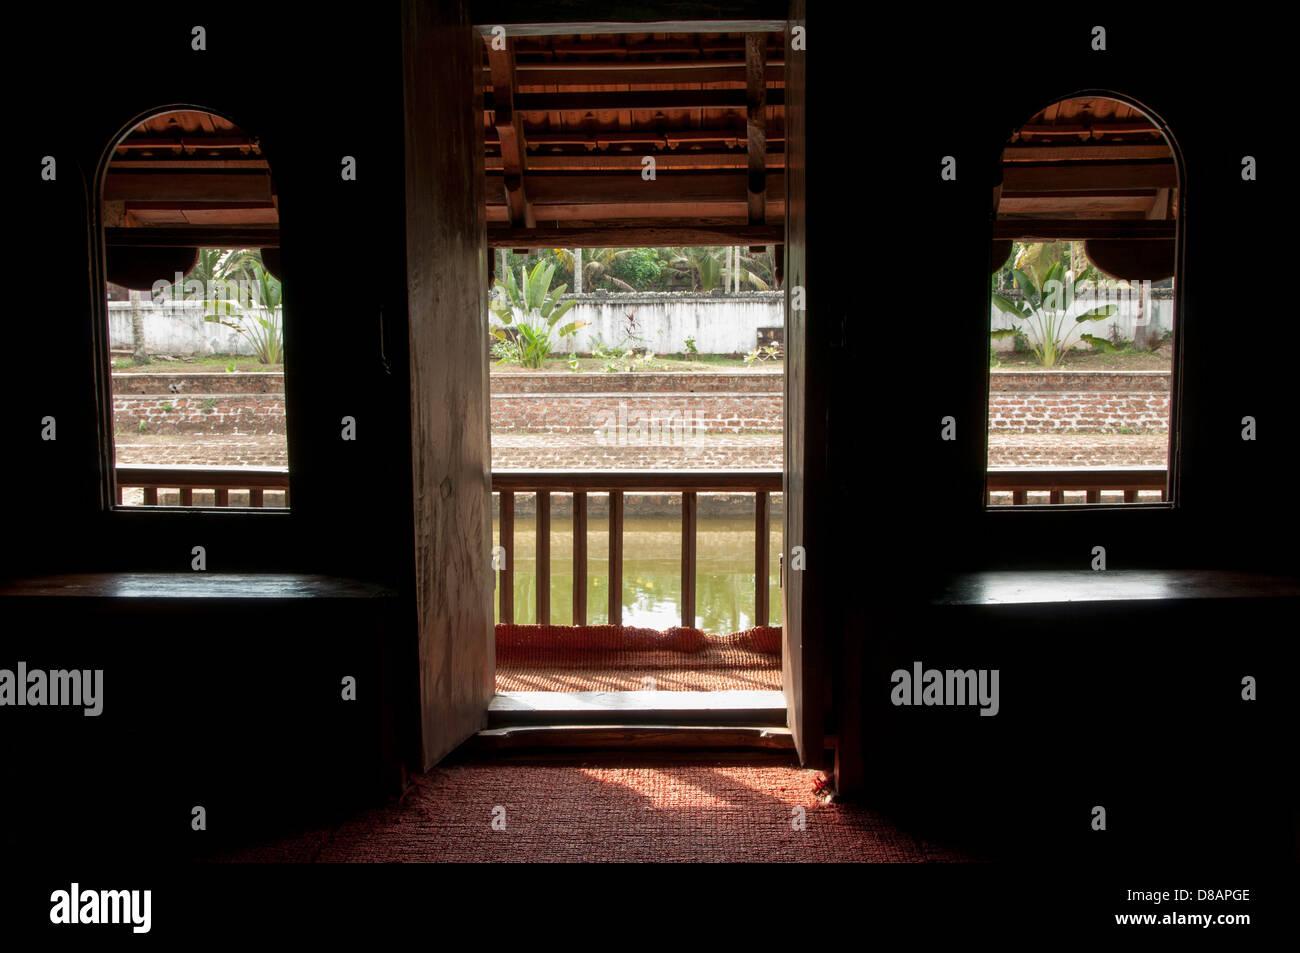 View through windows, door of old building - Stock Image